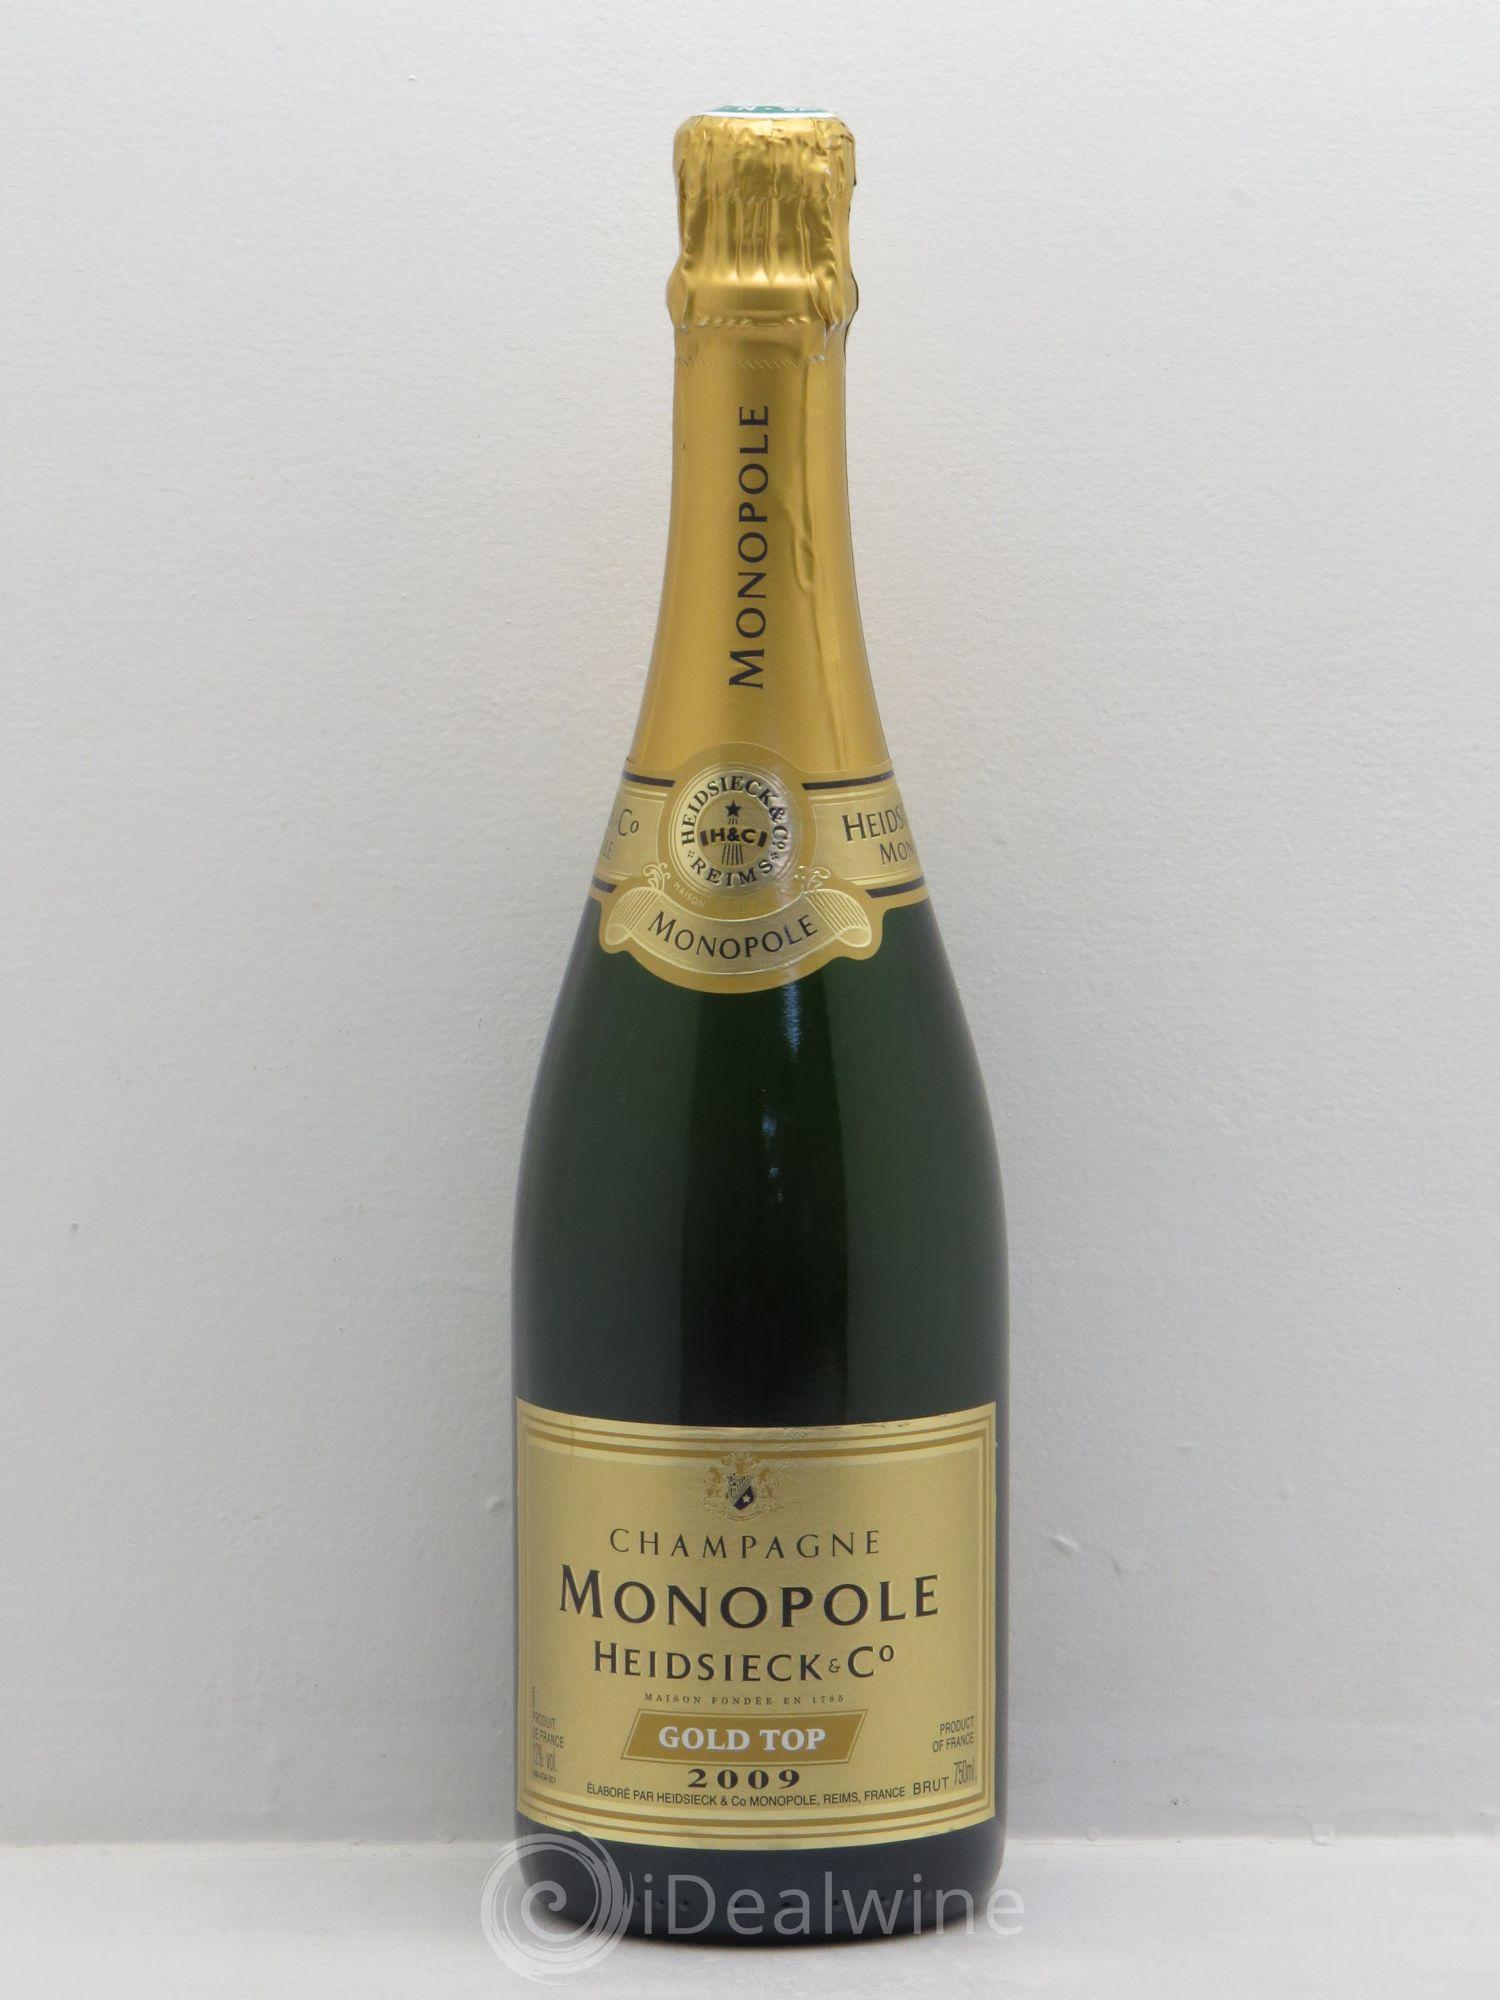 acheter brut champagne heidsieck co monopole monopole gold top sans prix de r serve 2009 lot. Black Bedroom Furniture Sets. Home Design Ideas